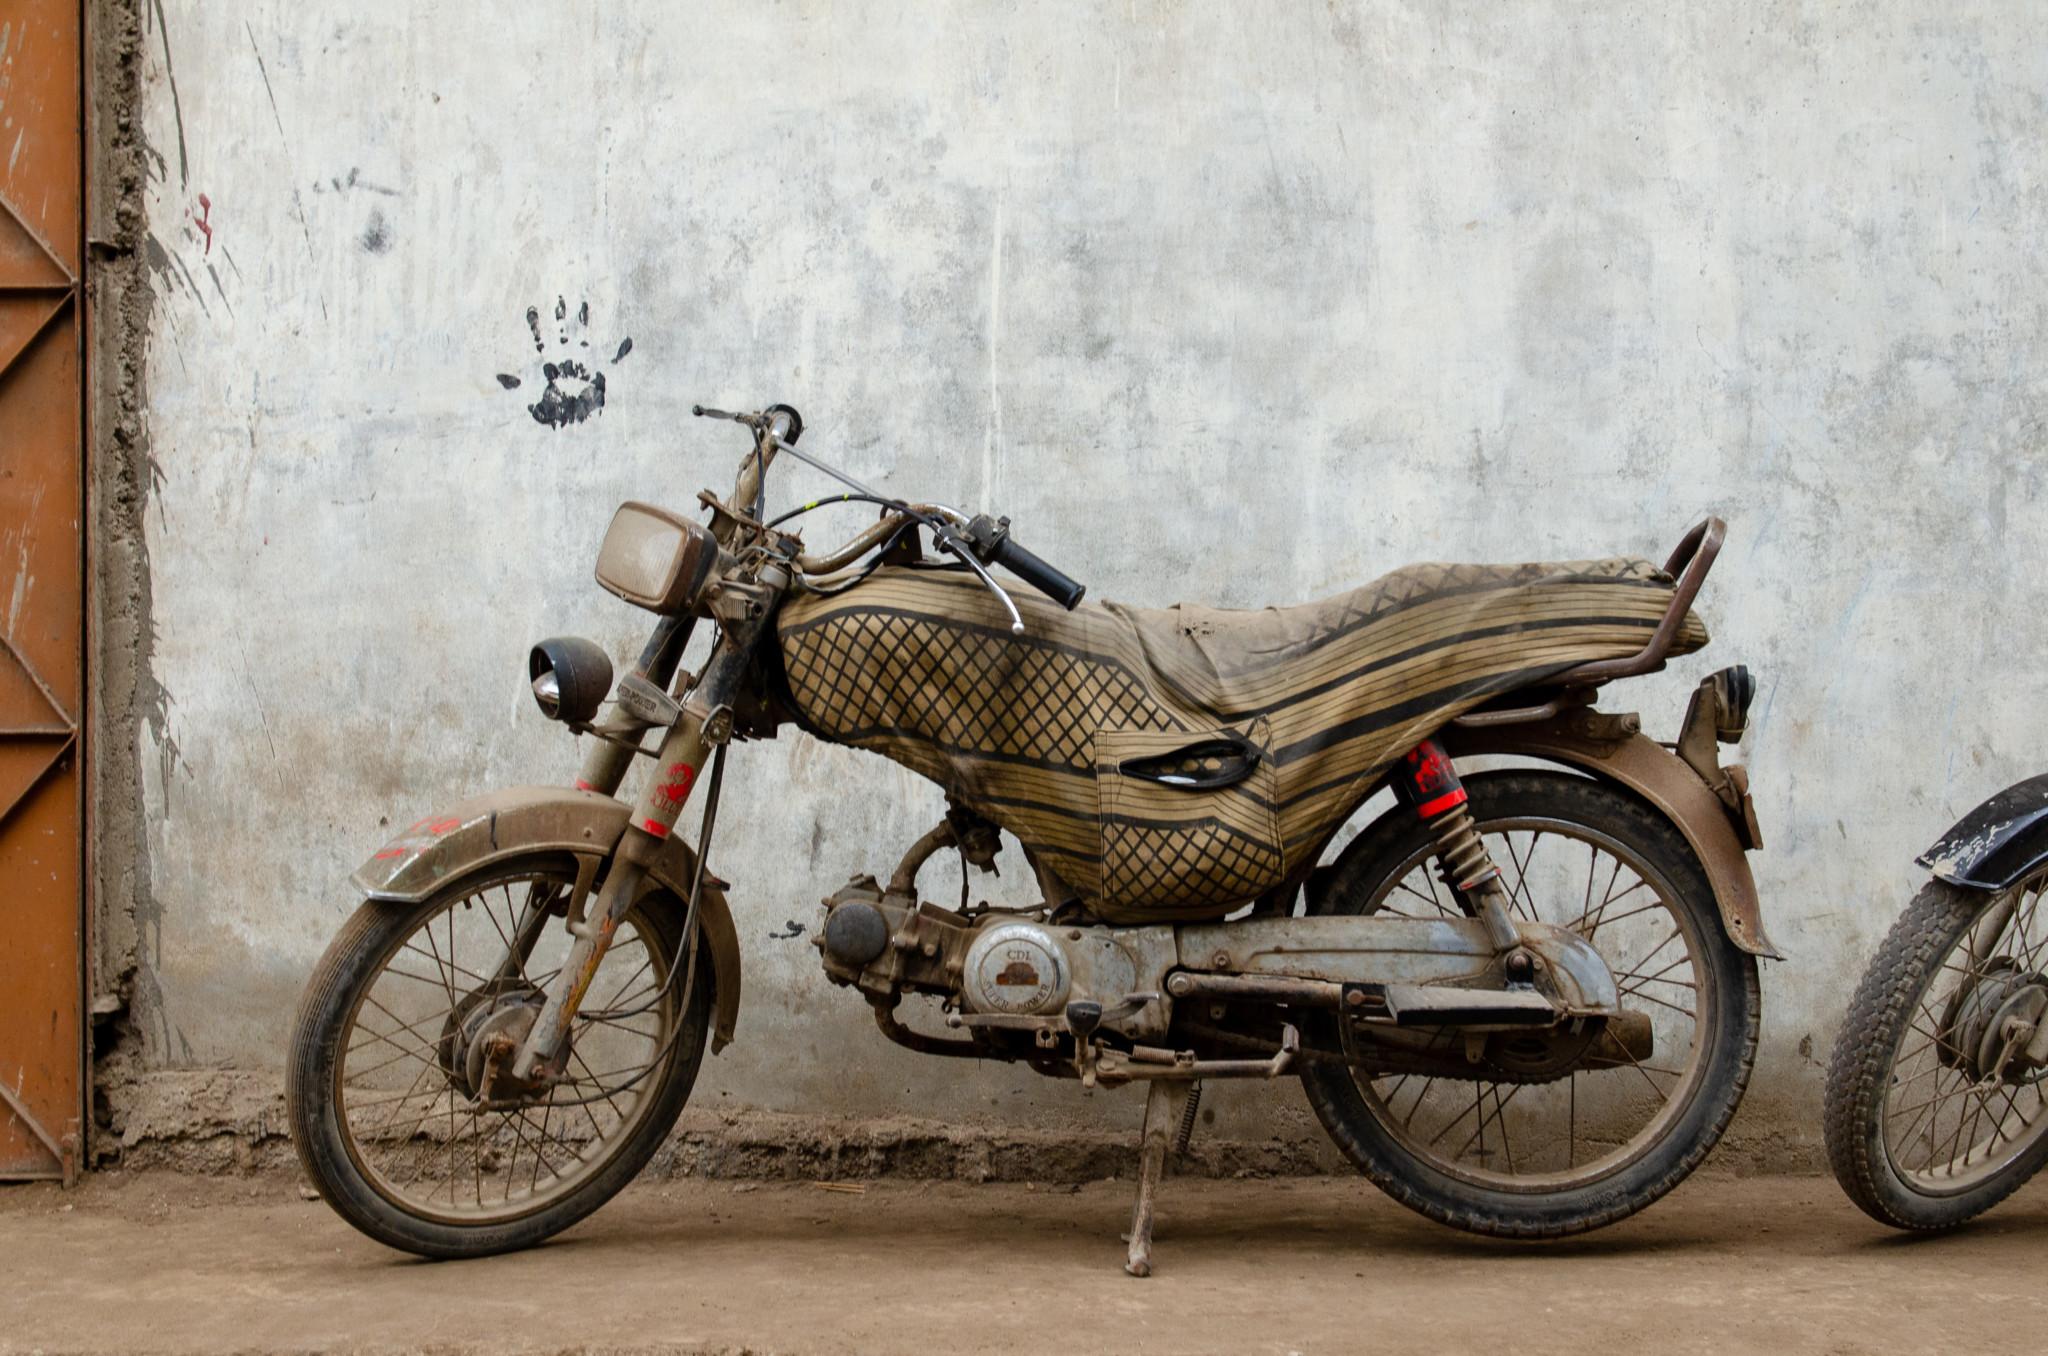 Motorrad in Karatschi